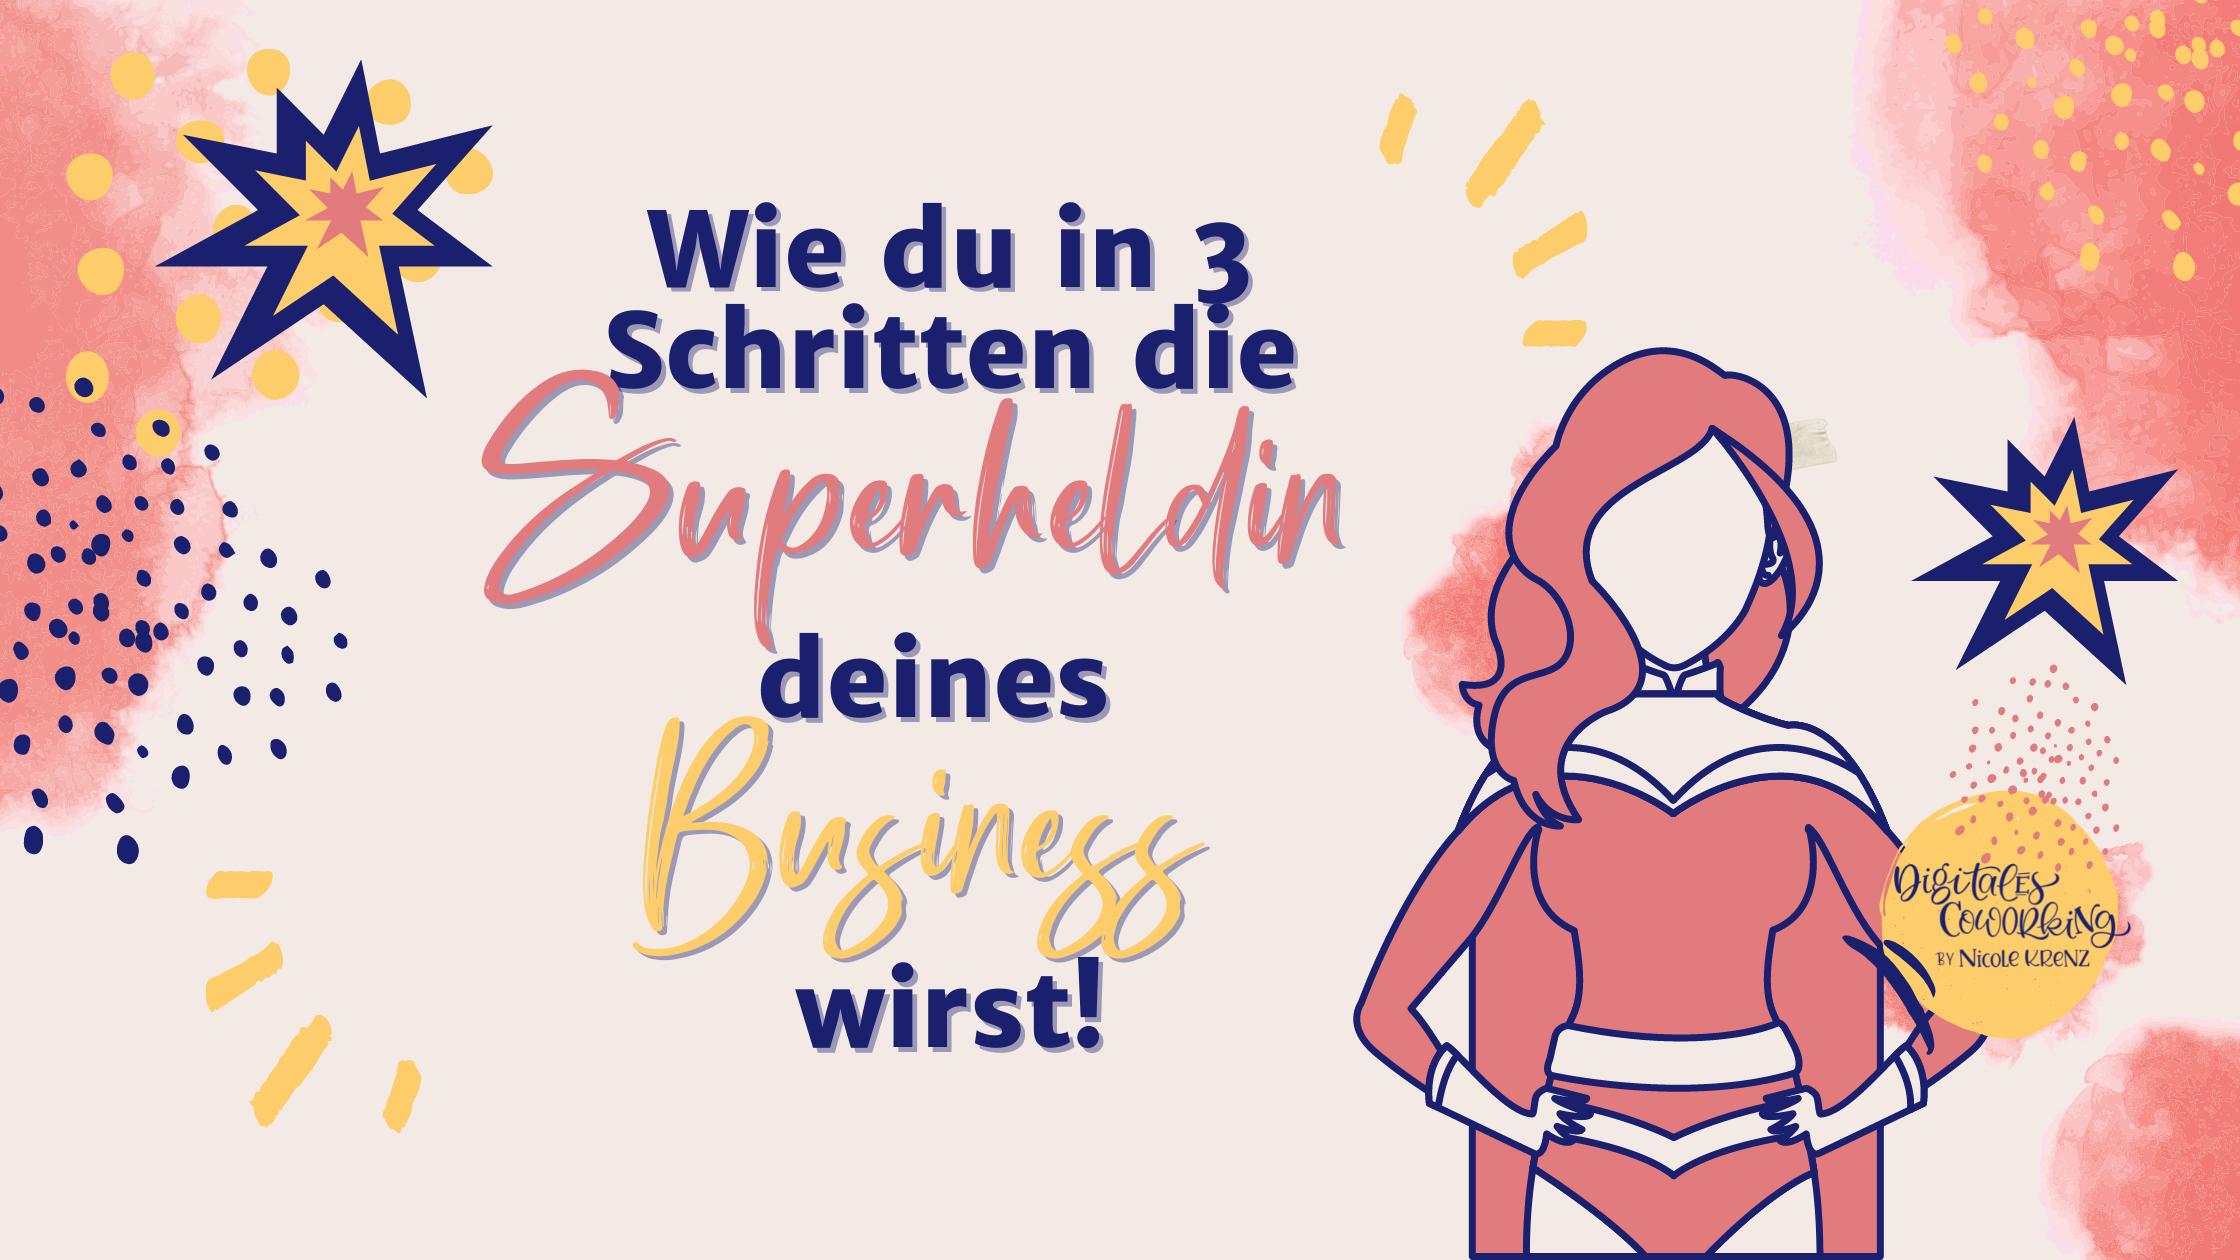 Wie du die Superheldin deines Business wirst!